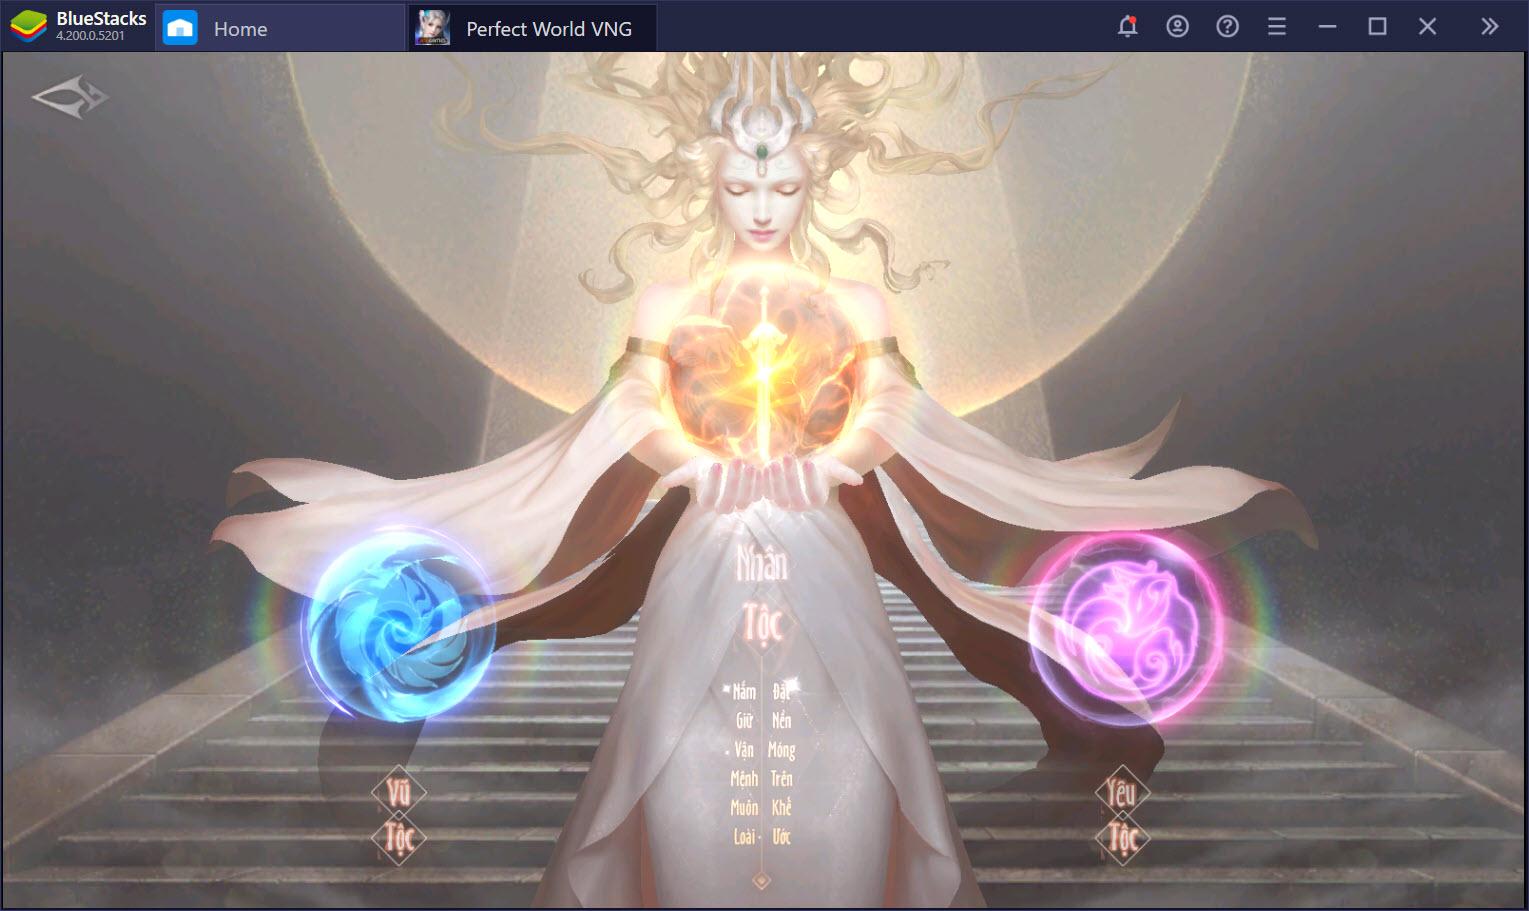 Yêu, Vũ, Nhân tộc – Đâu là lựa chọn hoàn mỹ của bạn trong Perfect World VNG?